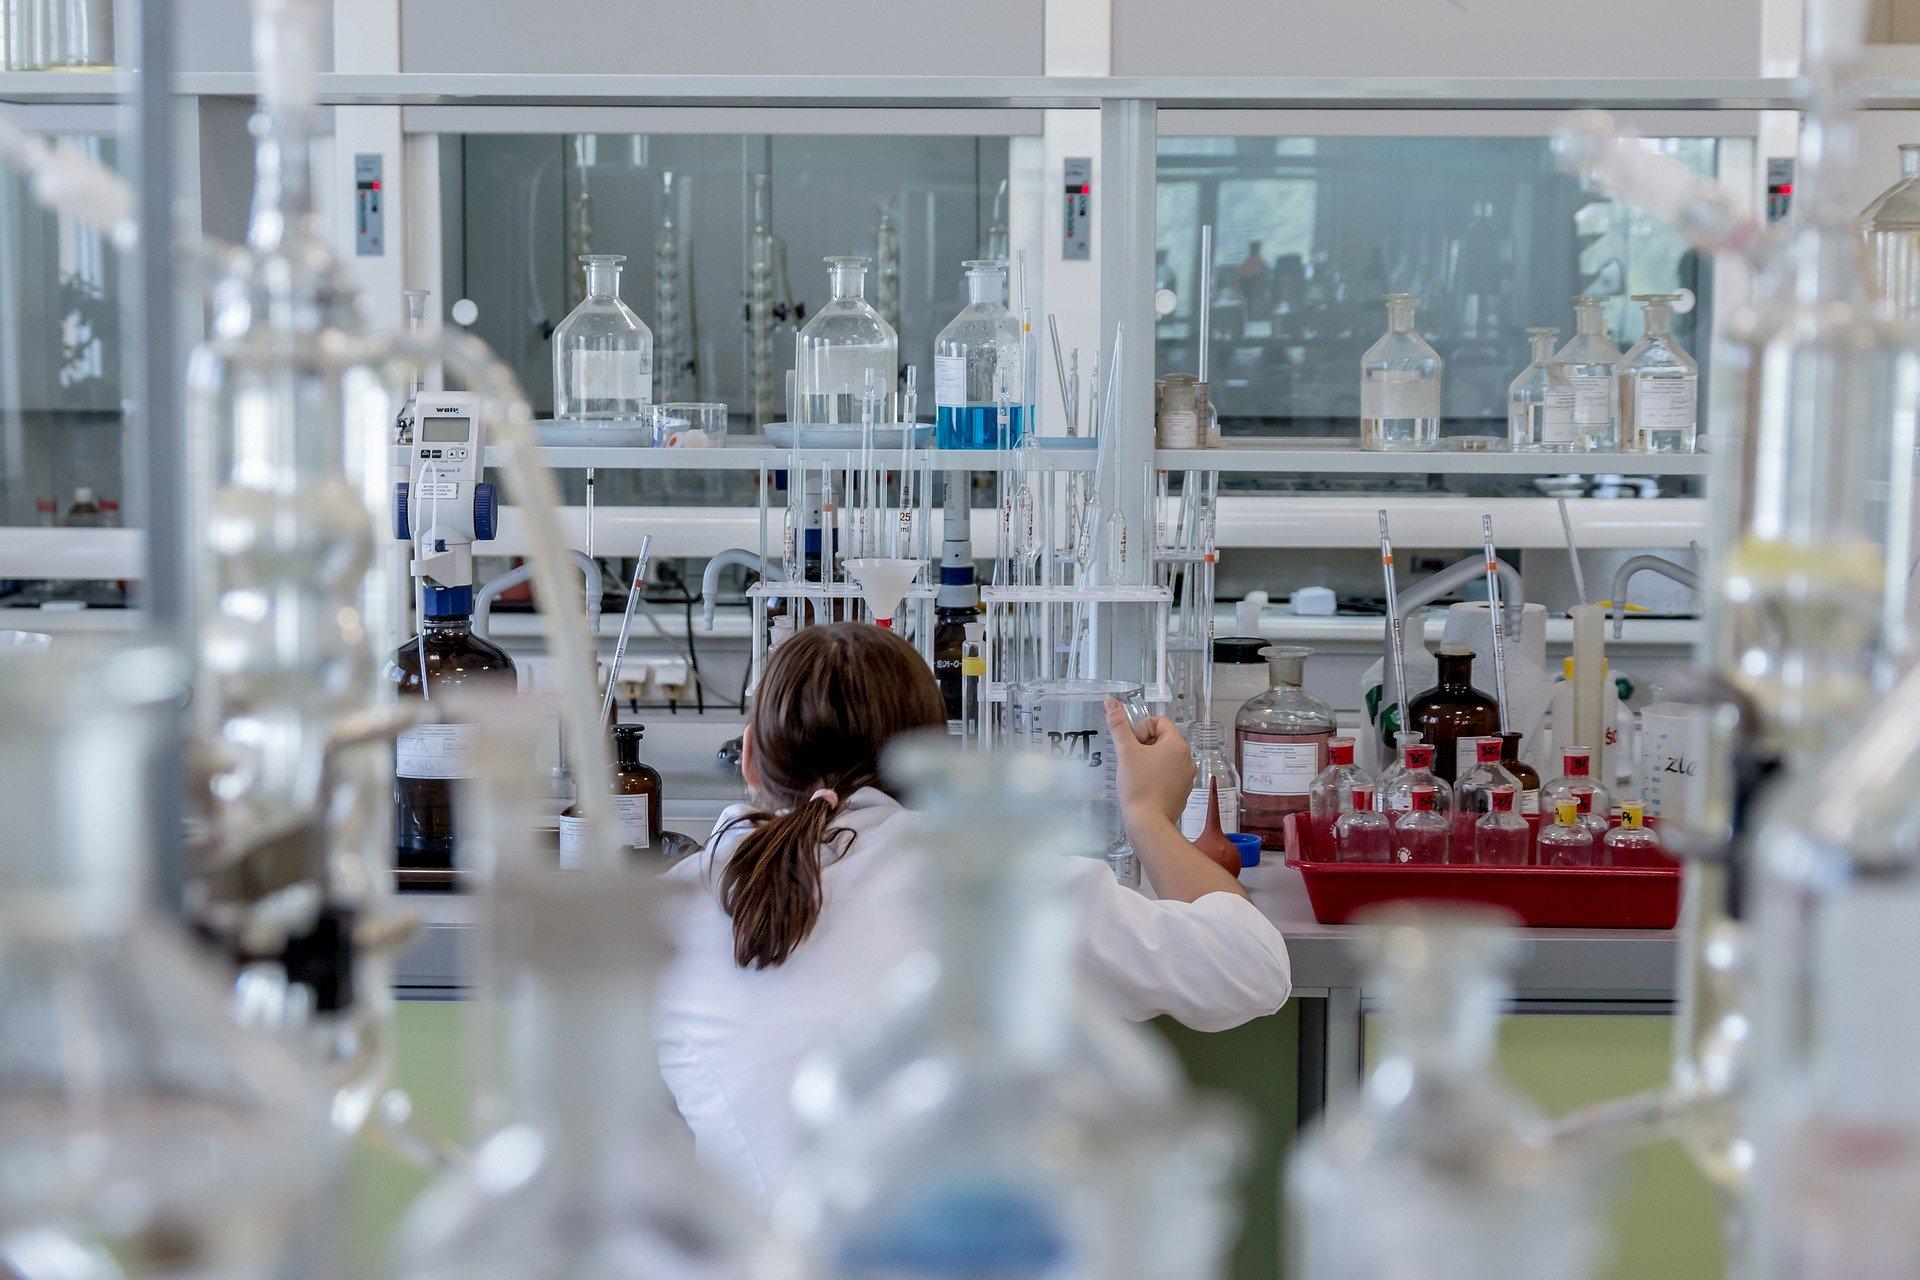 Na Pomorzu wykonuje się coraz więcej testów na SARS CoV-2. Nie oznacza to jednak, że jesteśmy bezpieczni